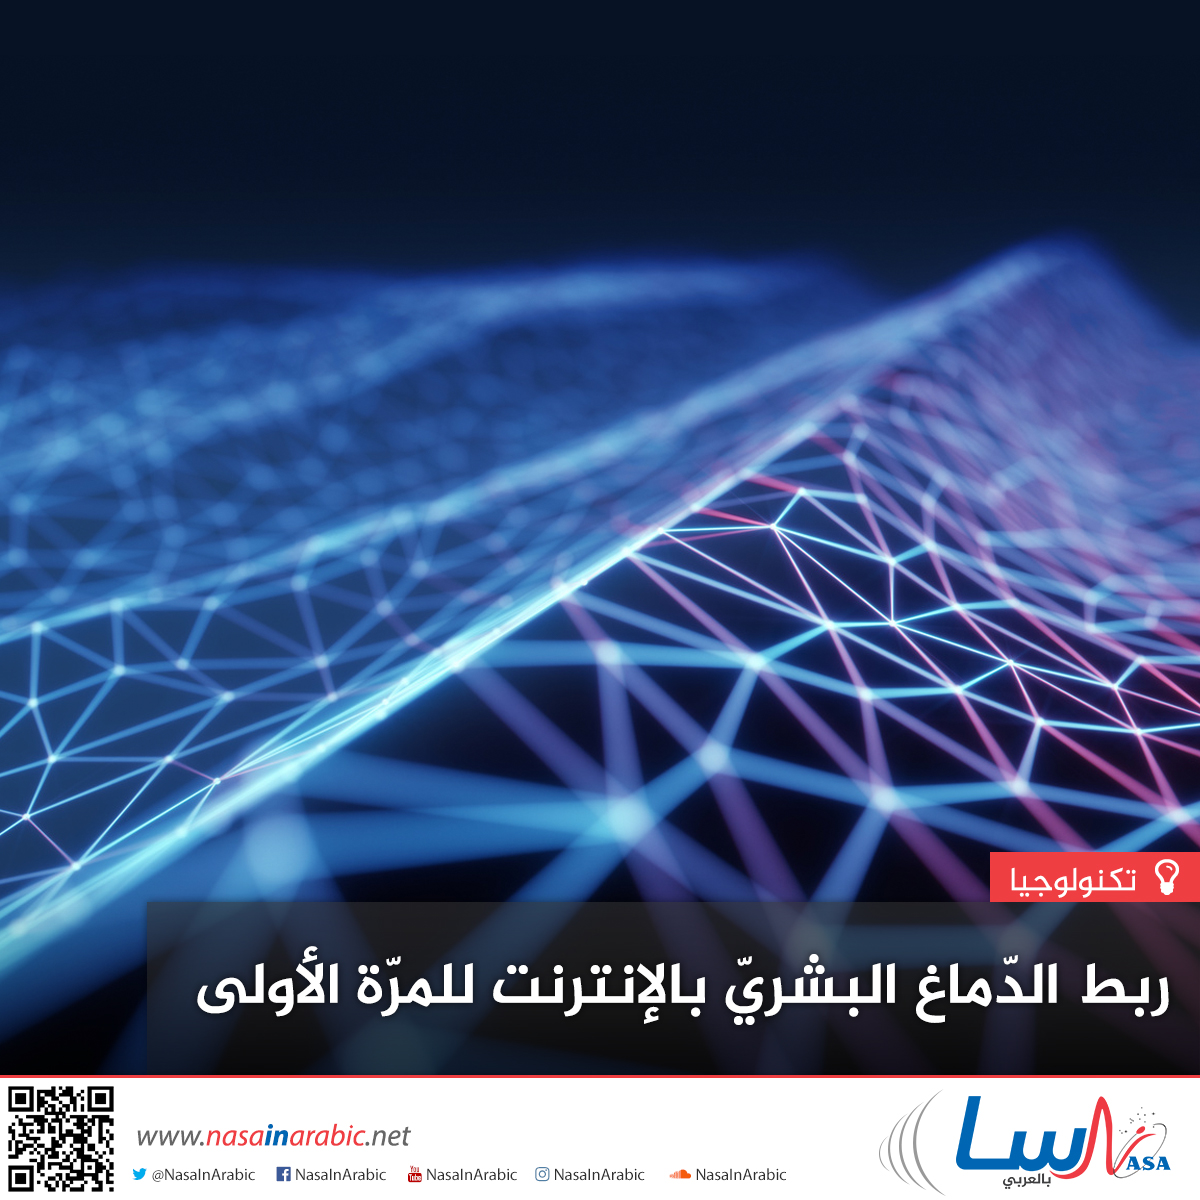 ربط الدّماغ البشريّ بالإنترنت للمرّة الأولى